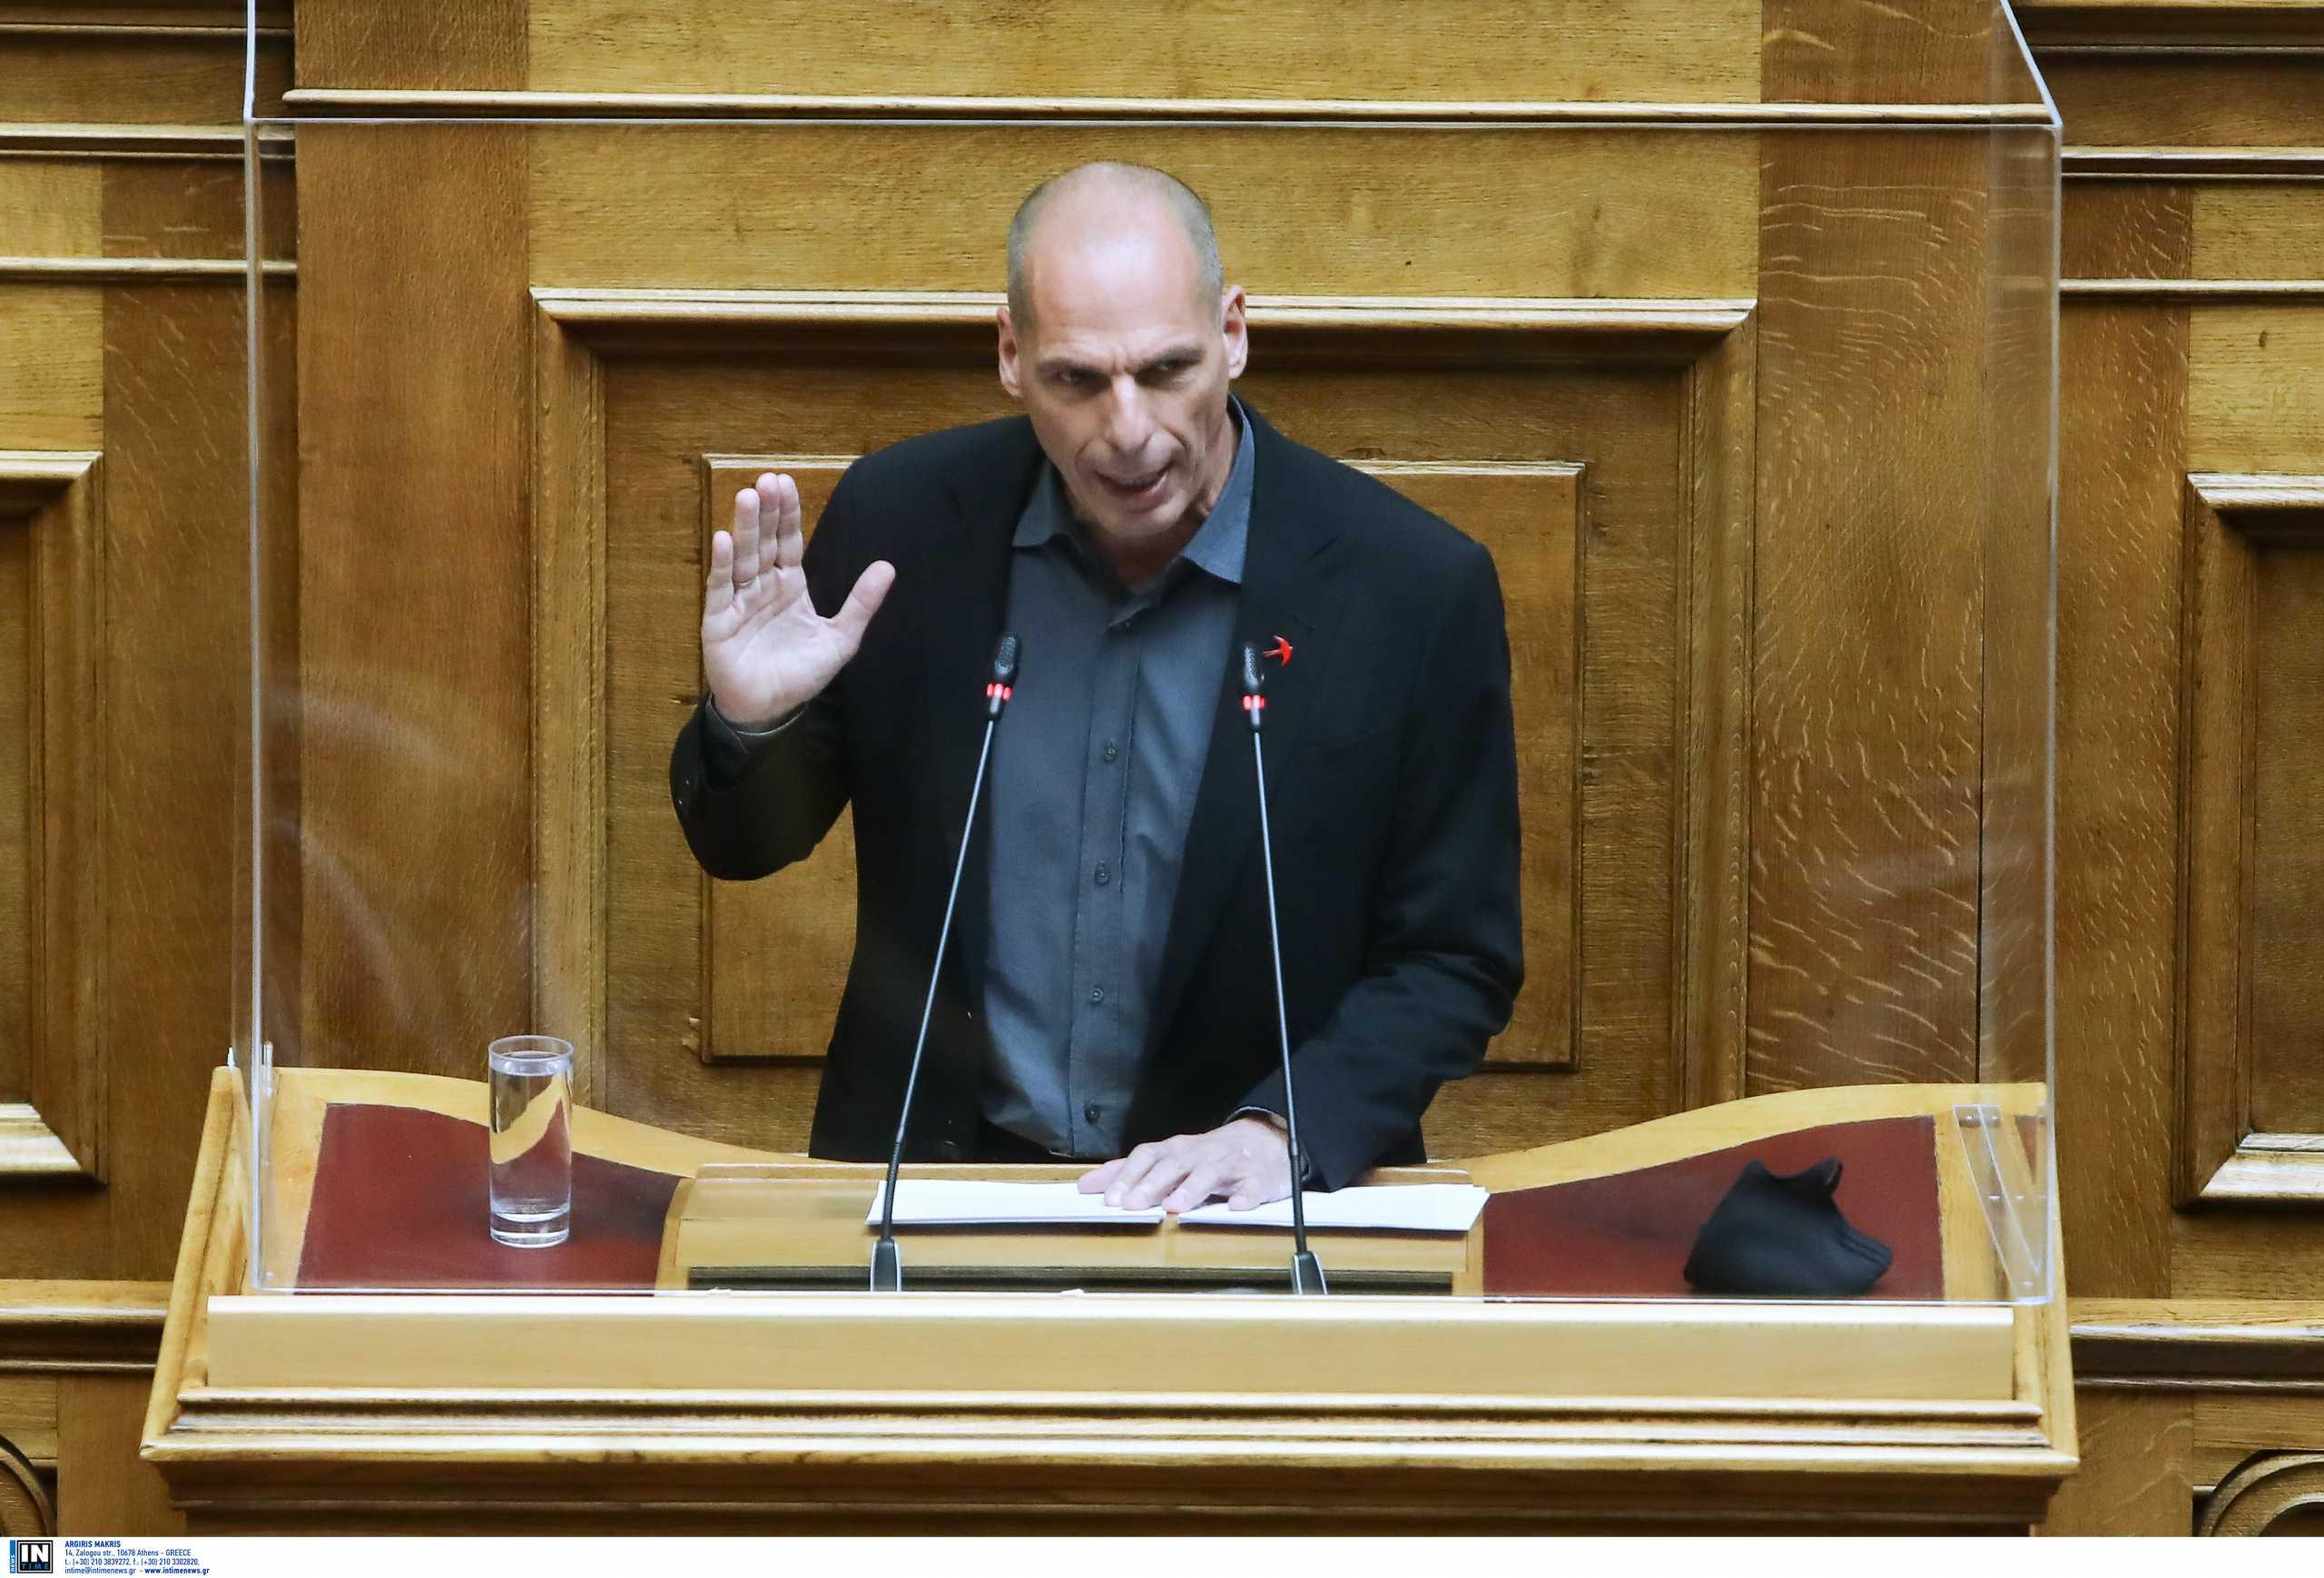 Βαρουφάκης για πανδημία: «Με ευθύνη της κυβέρνησης χάθηκε η μεγάλη ευκαιρία να βγει η Ελλάδα νικήτρια»